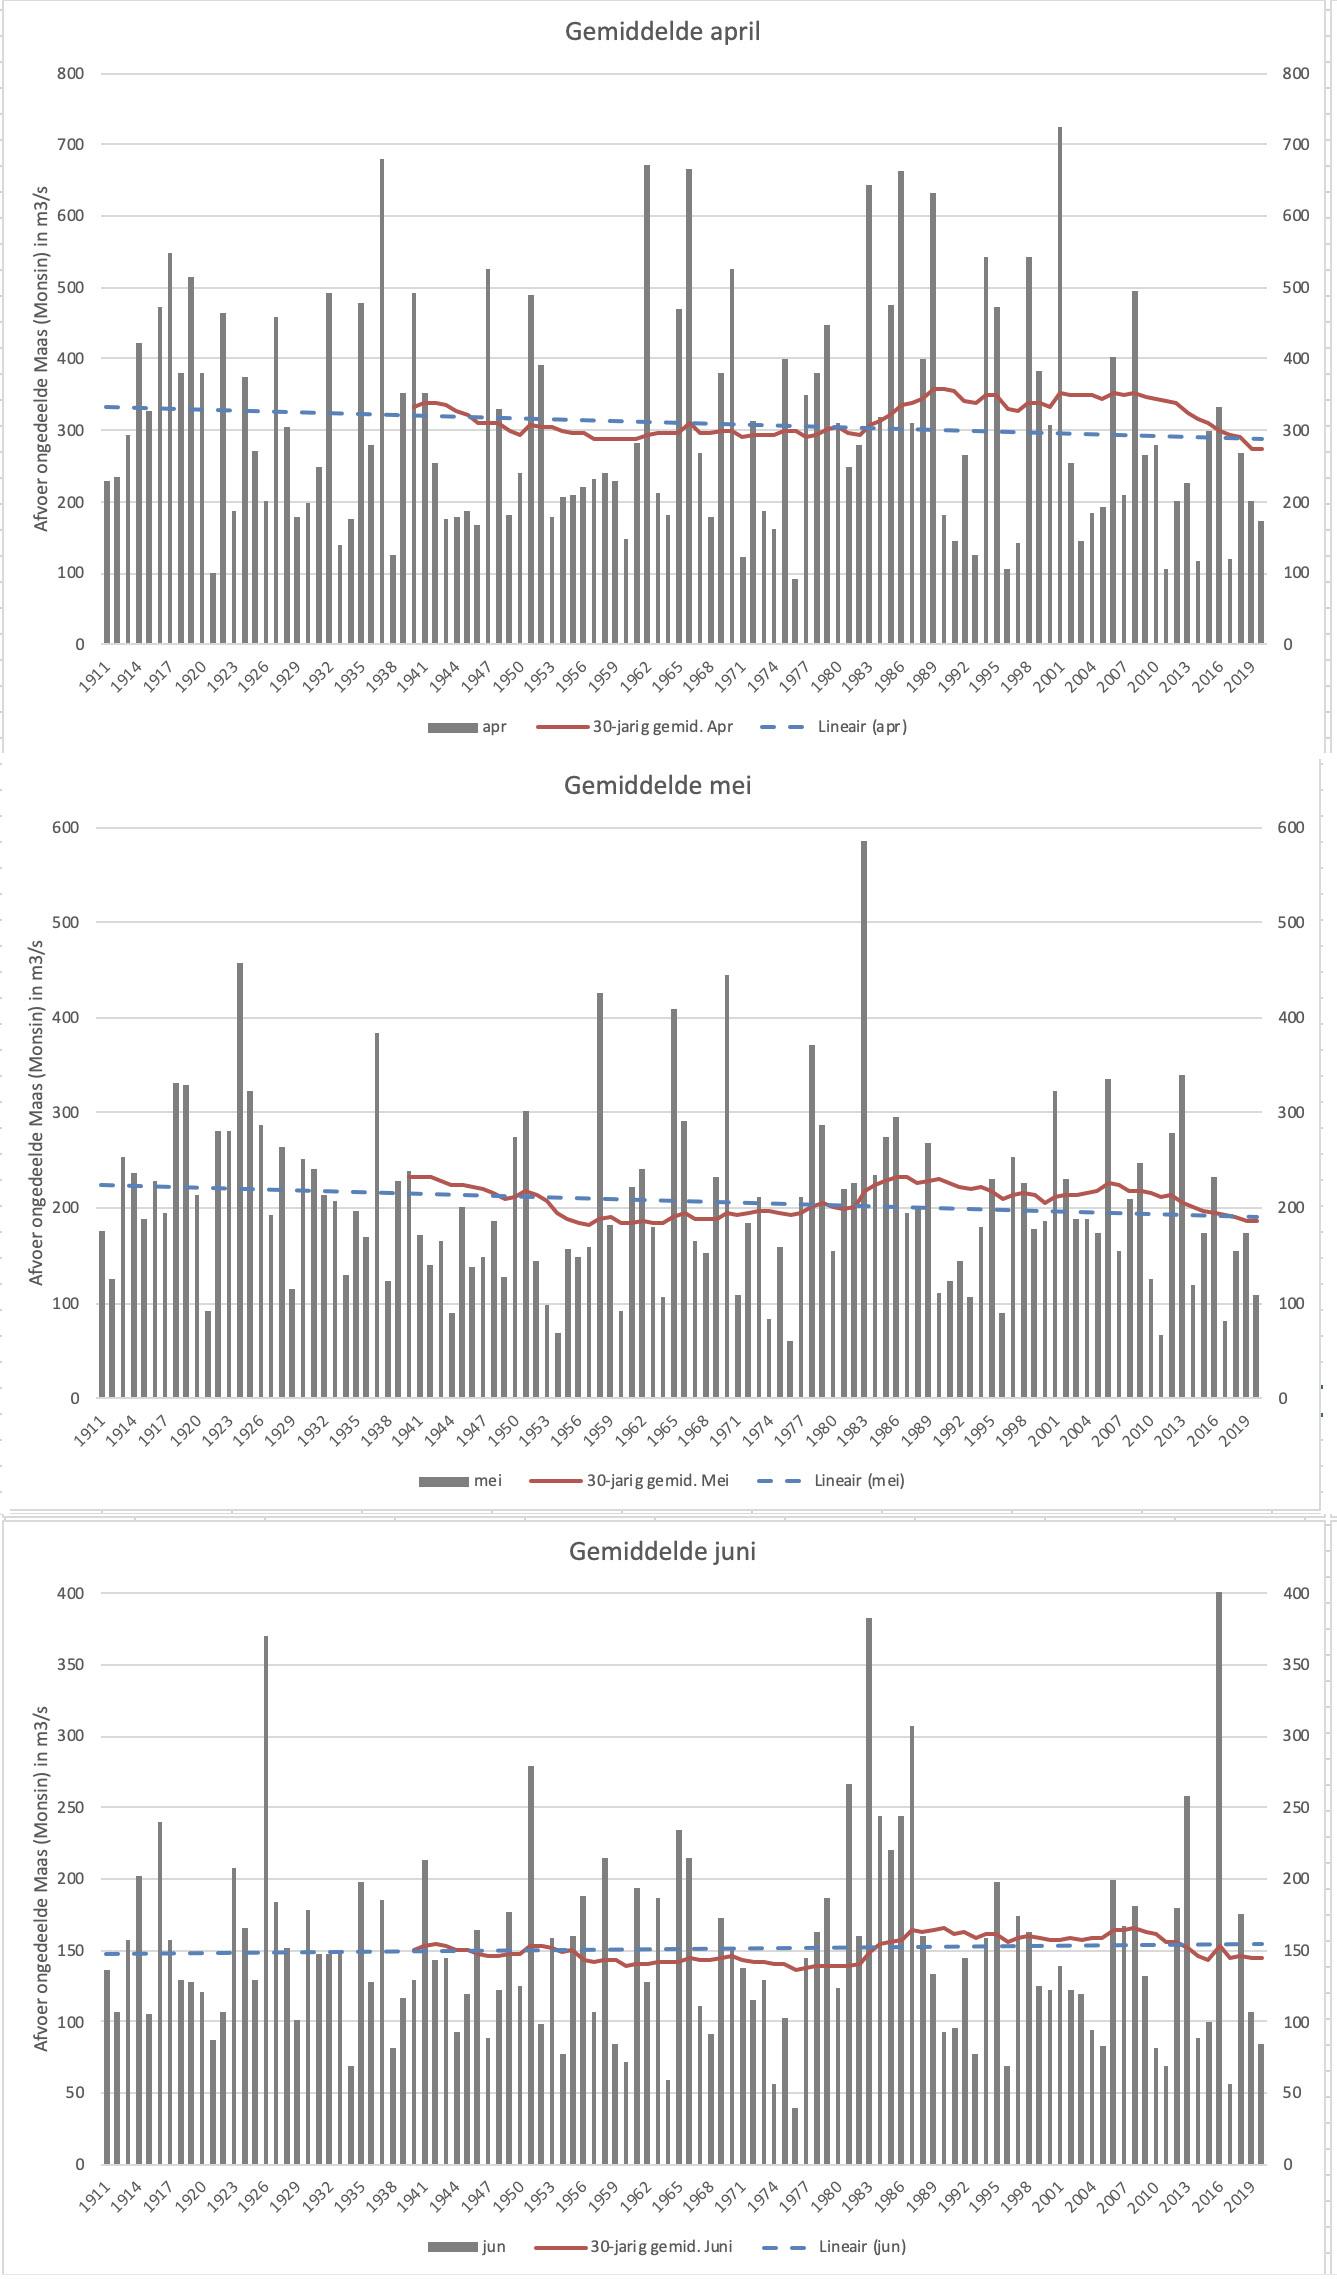 De gemiddelde Maasafvoer van april (boven, mei (midden) en juni (onder) van alle jaren sinds 1911. Ook is het 30-jarig gemiddelde (rode lijn) weergegeven en de trendlijn over de hele meetperiode (blauwe streepjeslijn).